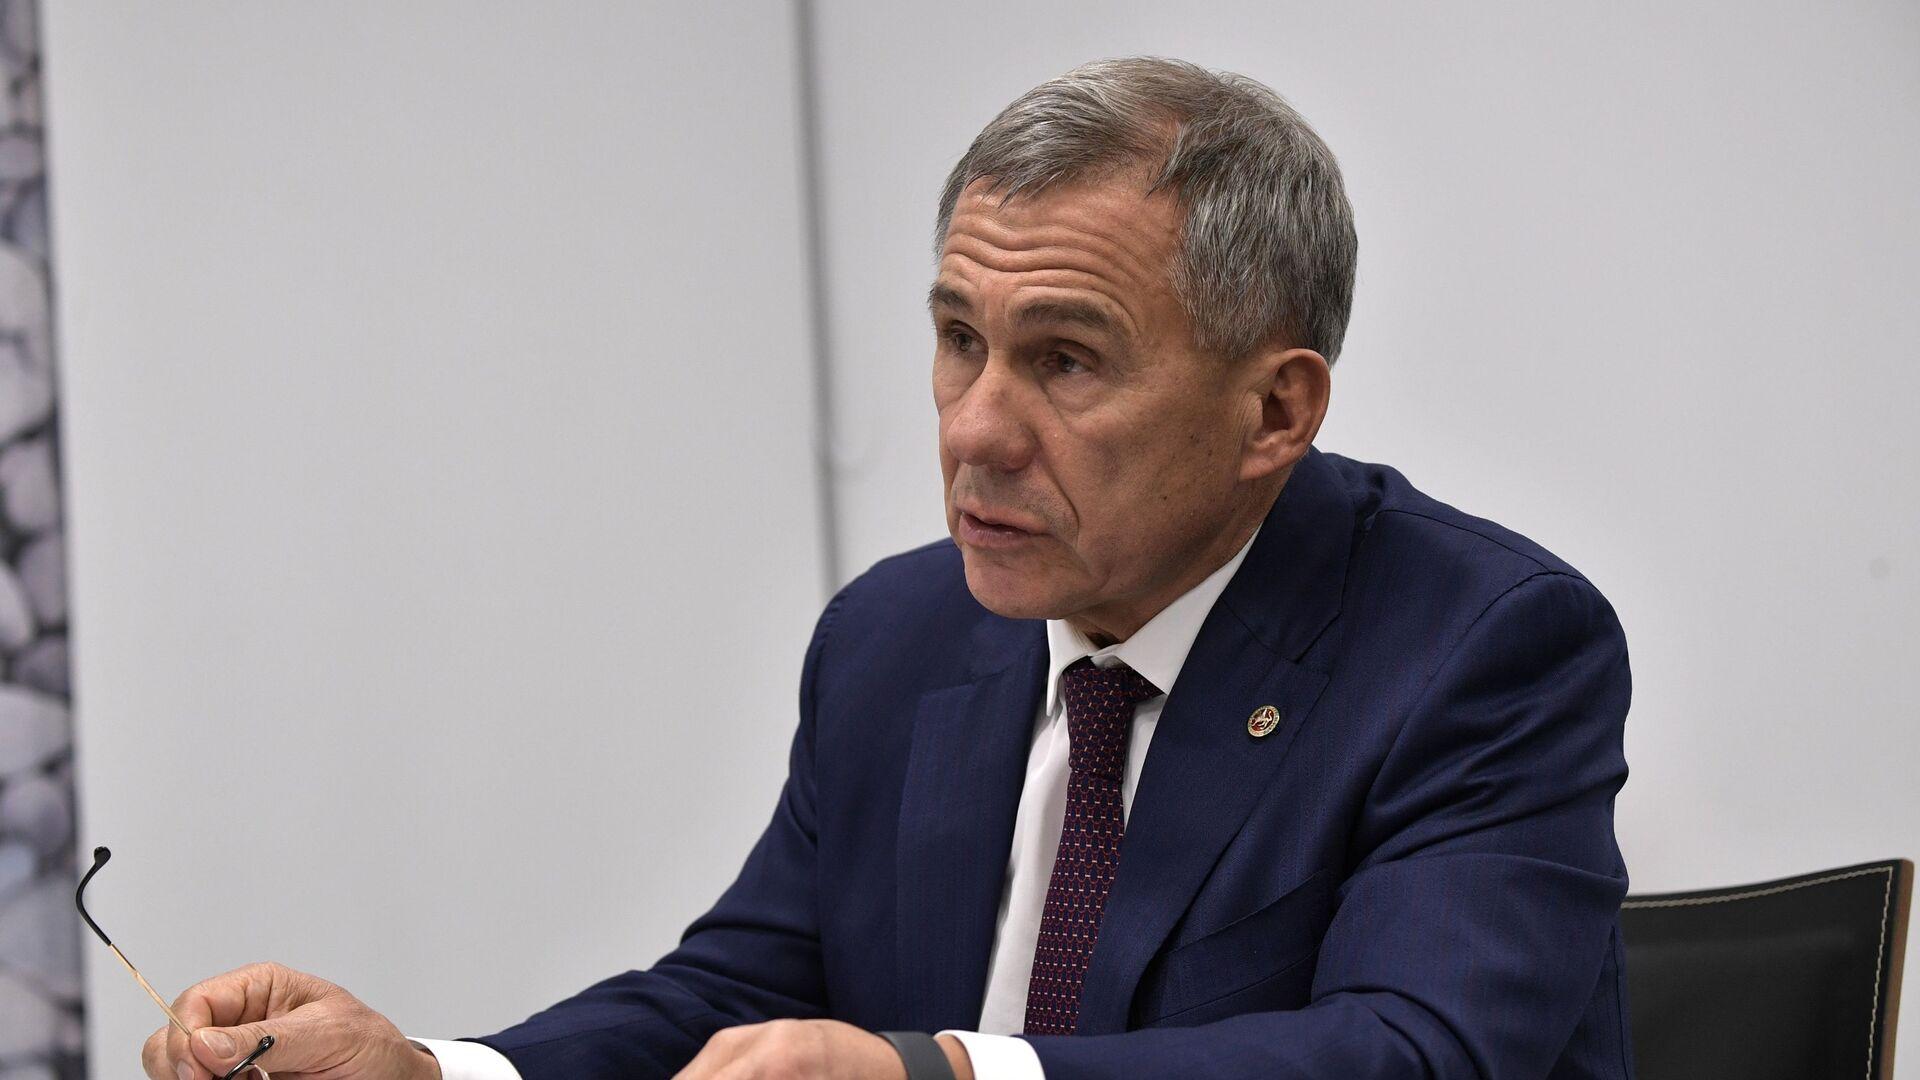 Глава Татарстана обратится к парламенту республики с посланием 8 октября